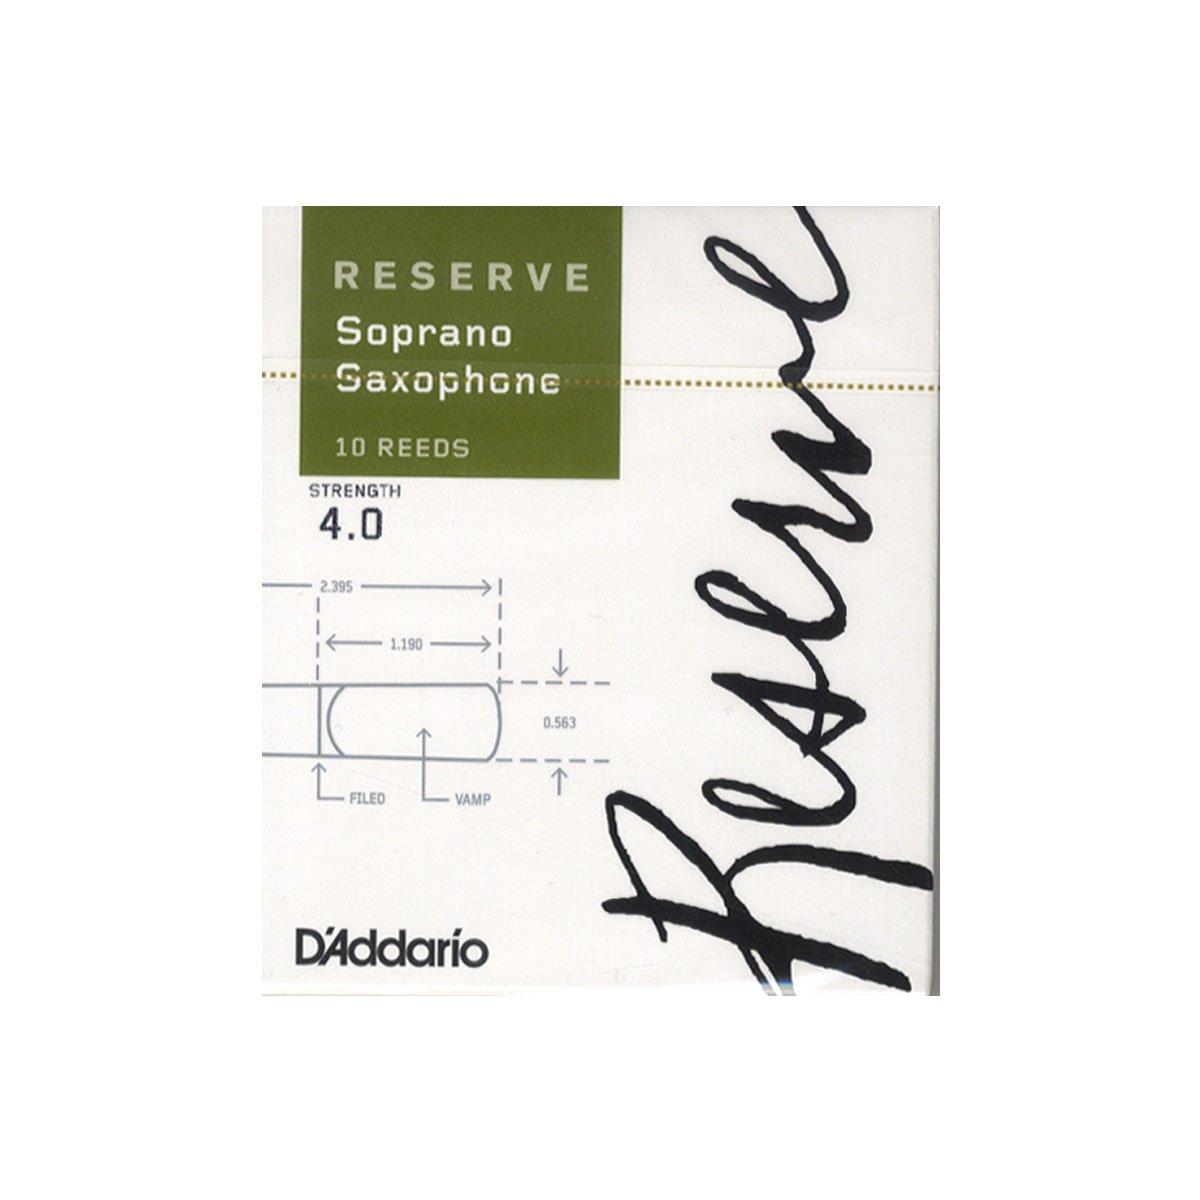 Confezione Da 10 Pezzi Tensione 4.0 DAddario DIR1040 Reserve Ance per Sax Soprano